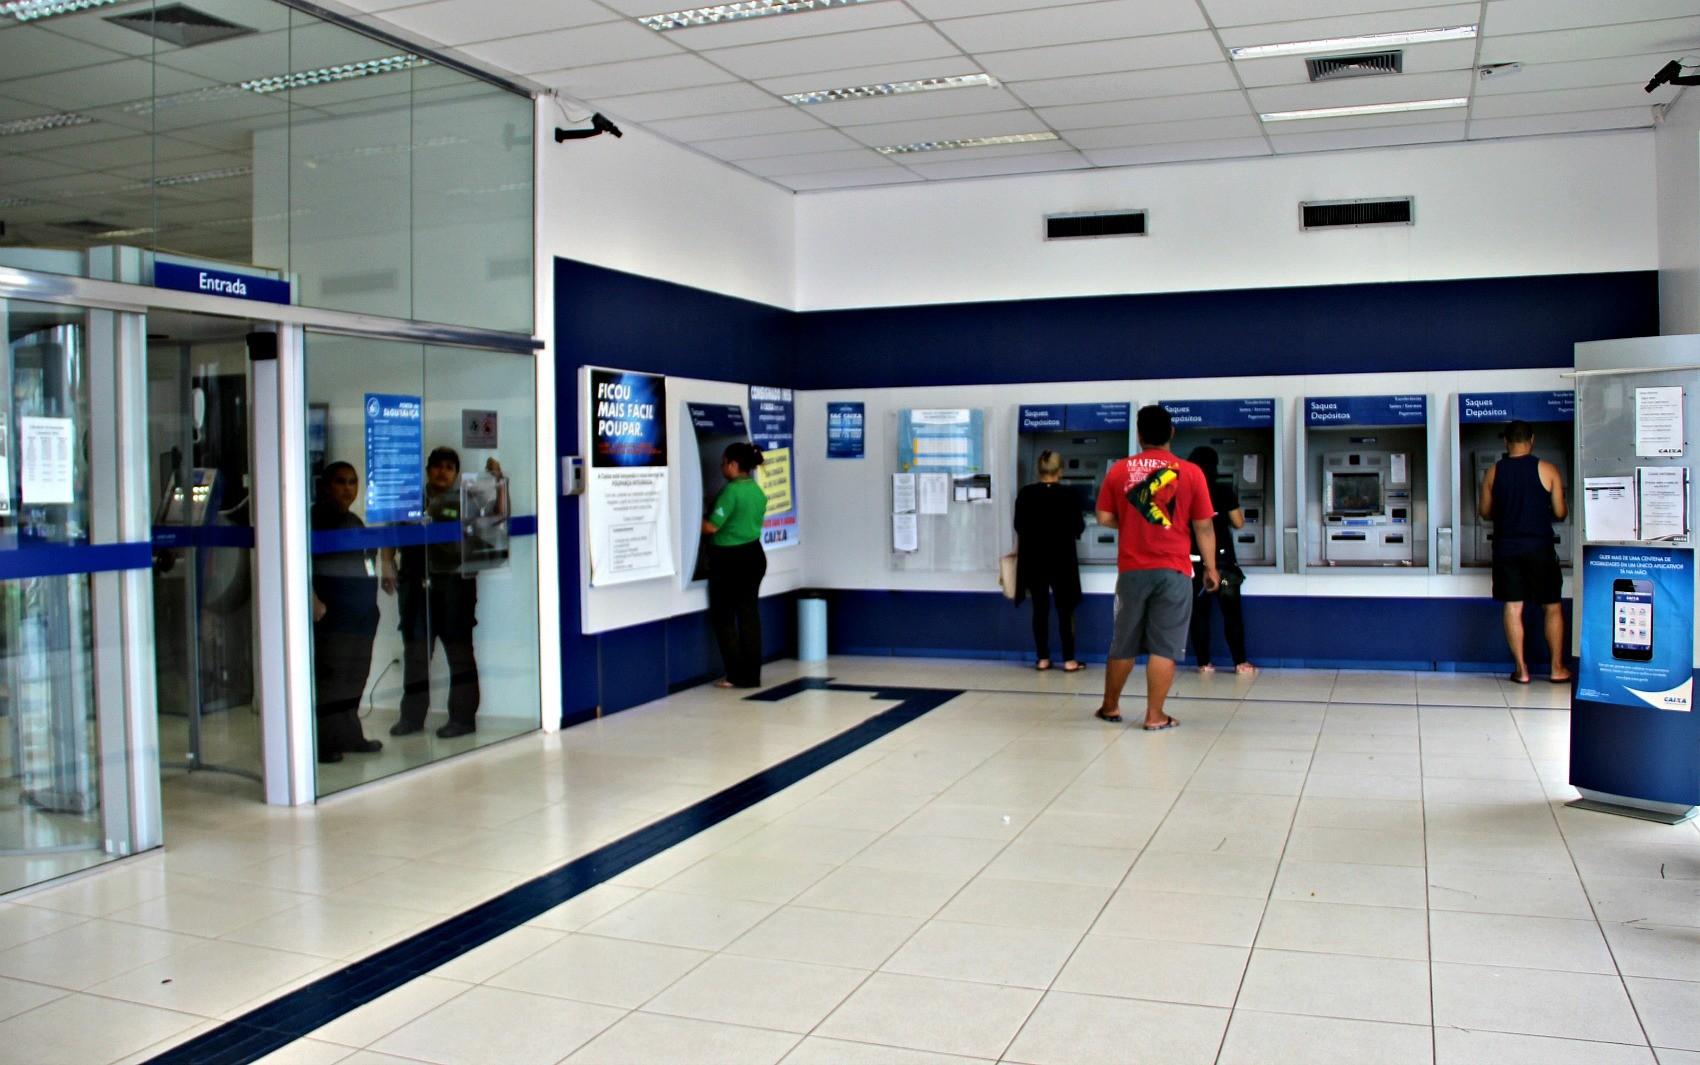 Agências da Caixa abrem neste sábado para atendimento do saque do FGTS, em Manaus - Notícias - Plantão Diário